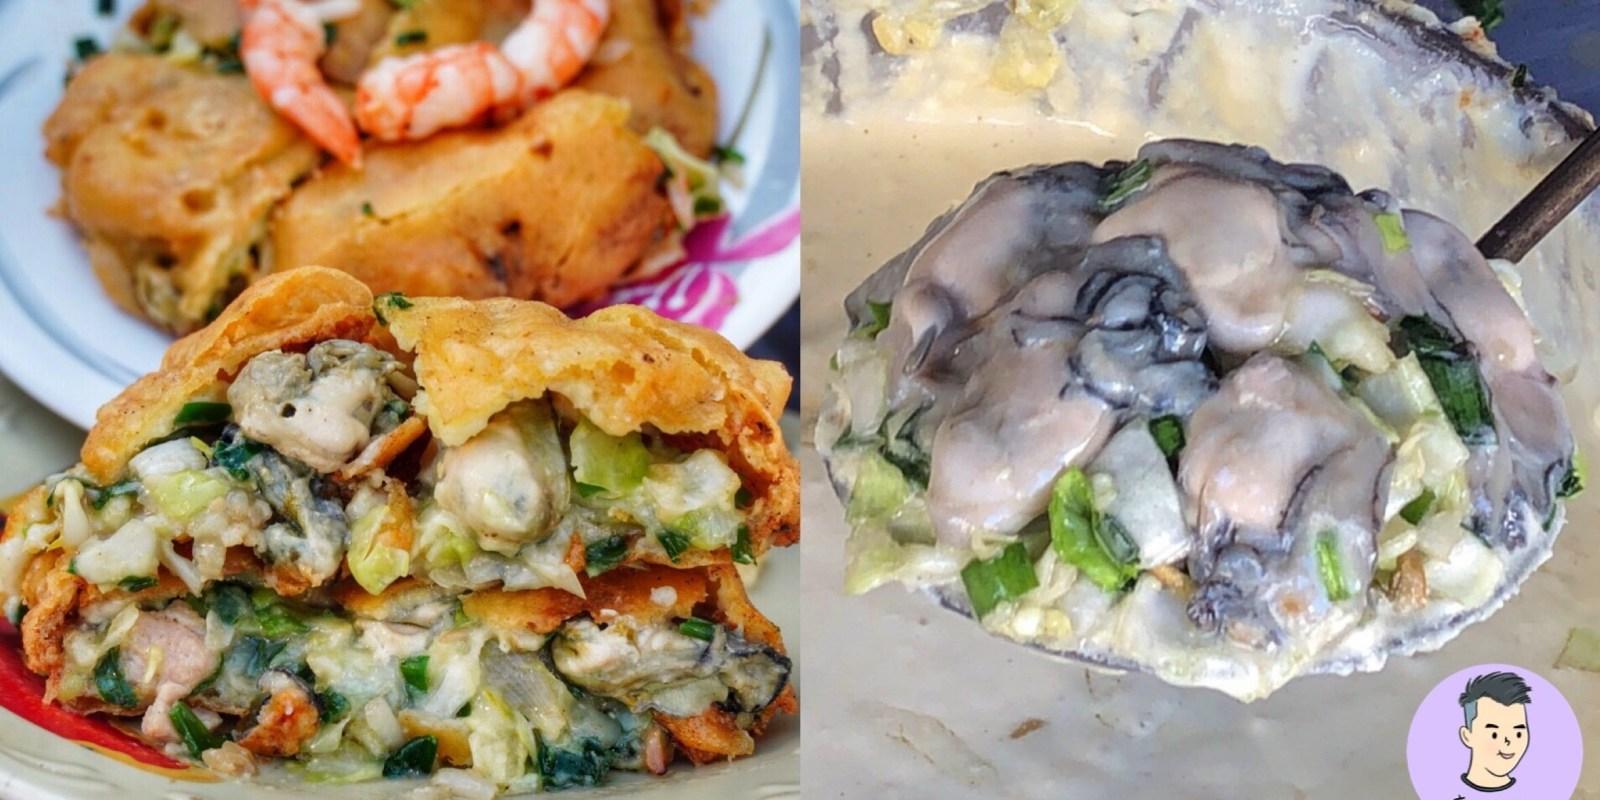 【台南美食】台南最狂蚵嗲排隊店「蔡家蚵嗲」超飽滿大顆鮮蚵裝滿滿 現點現炸銅板美食